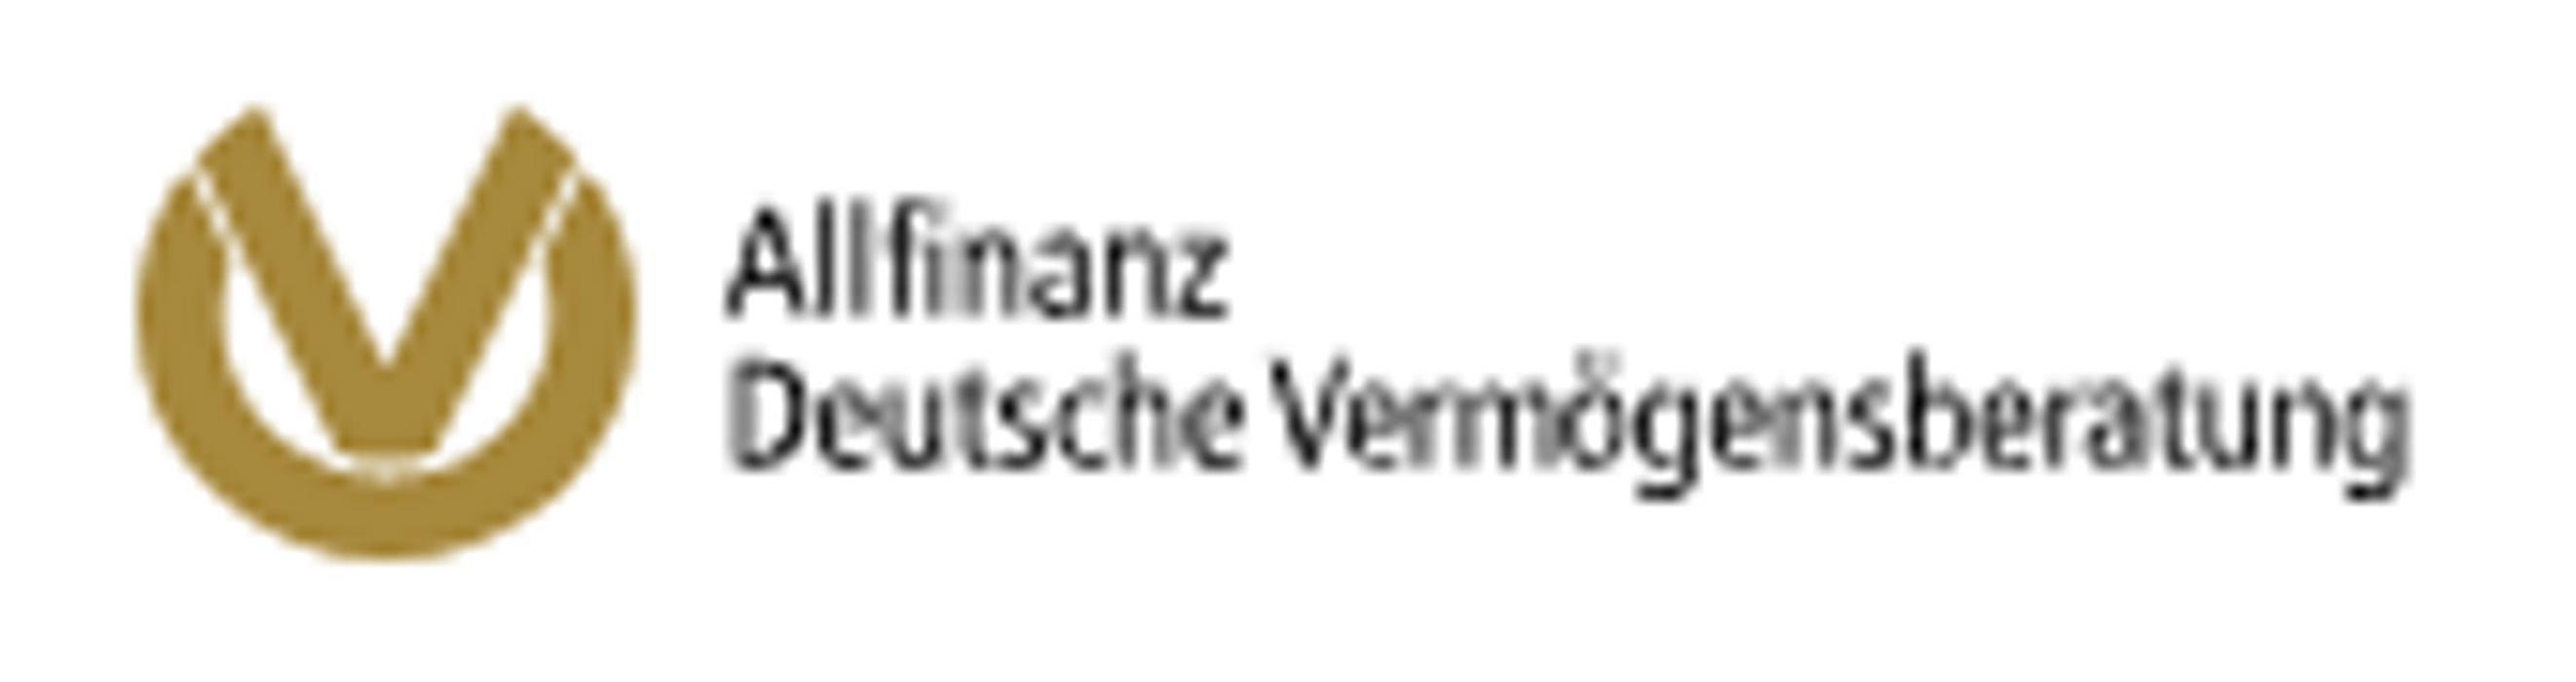 Bild zu Rolf Höbel Allfinanz DVAg Versicherungsagentur in Darmstadt